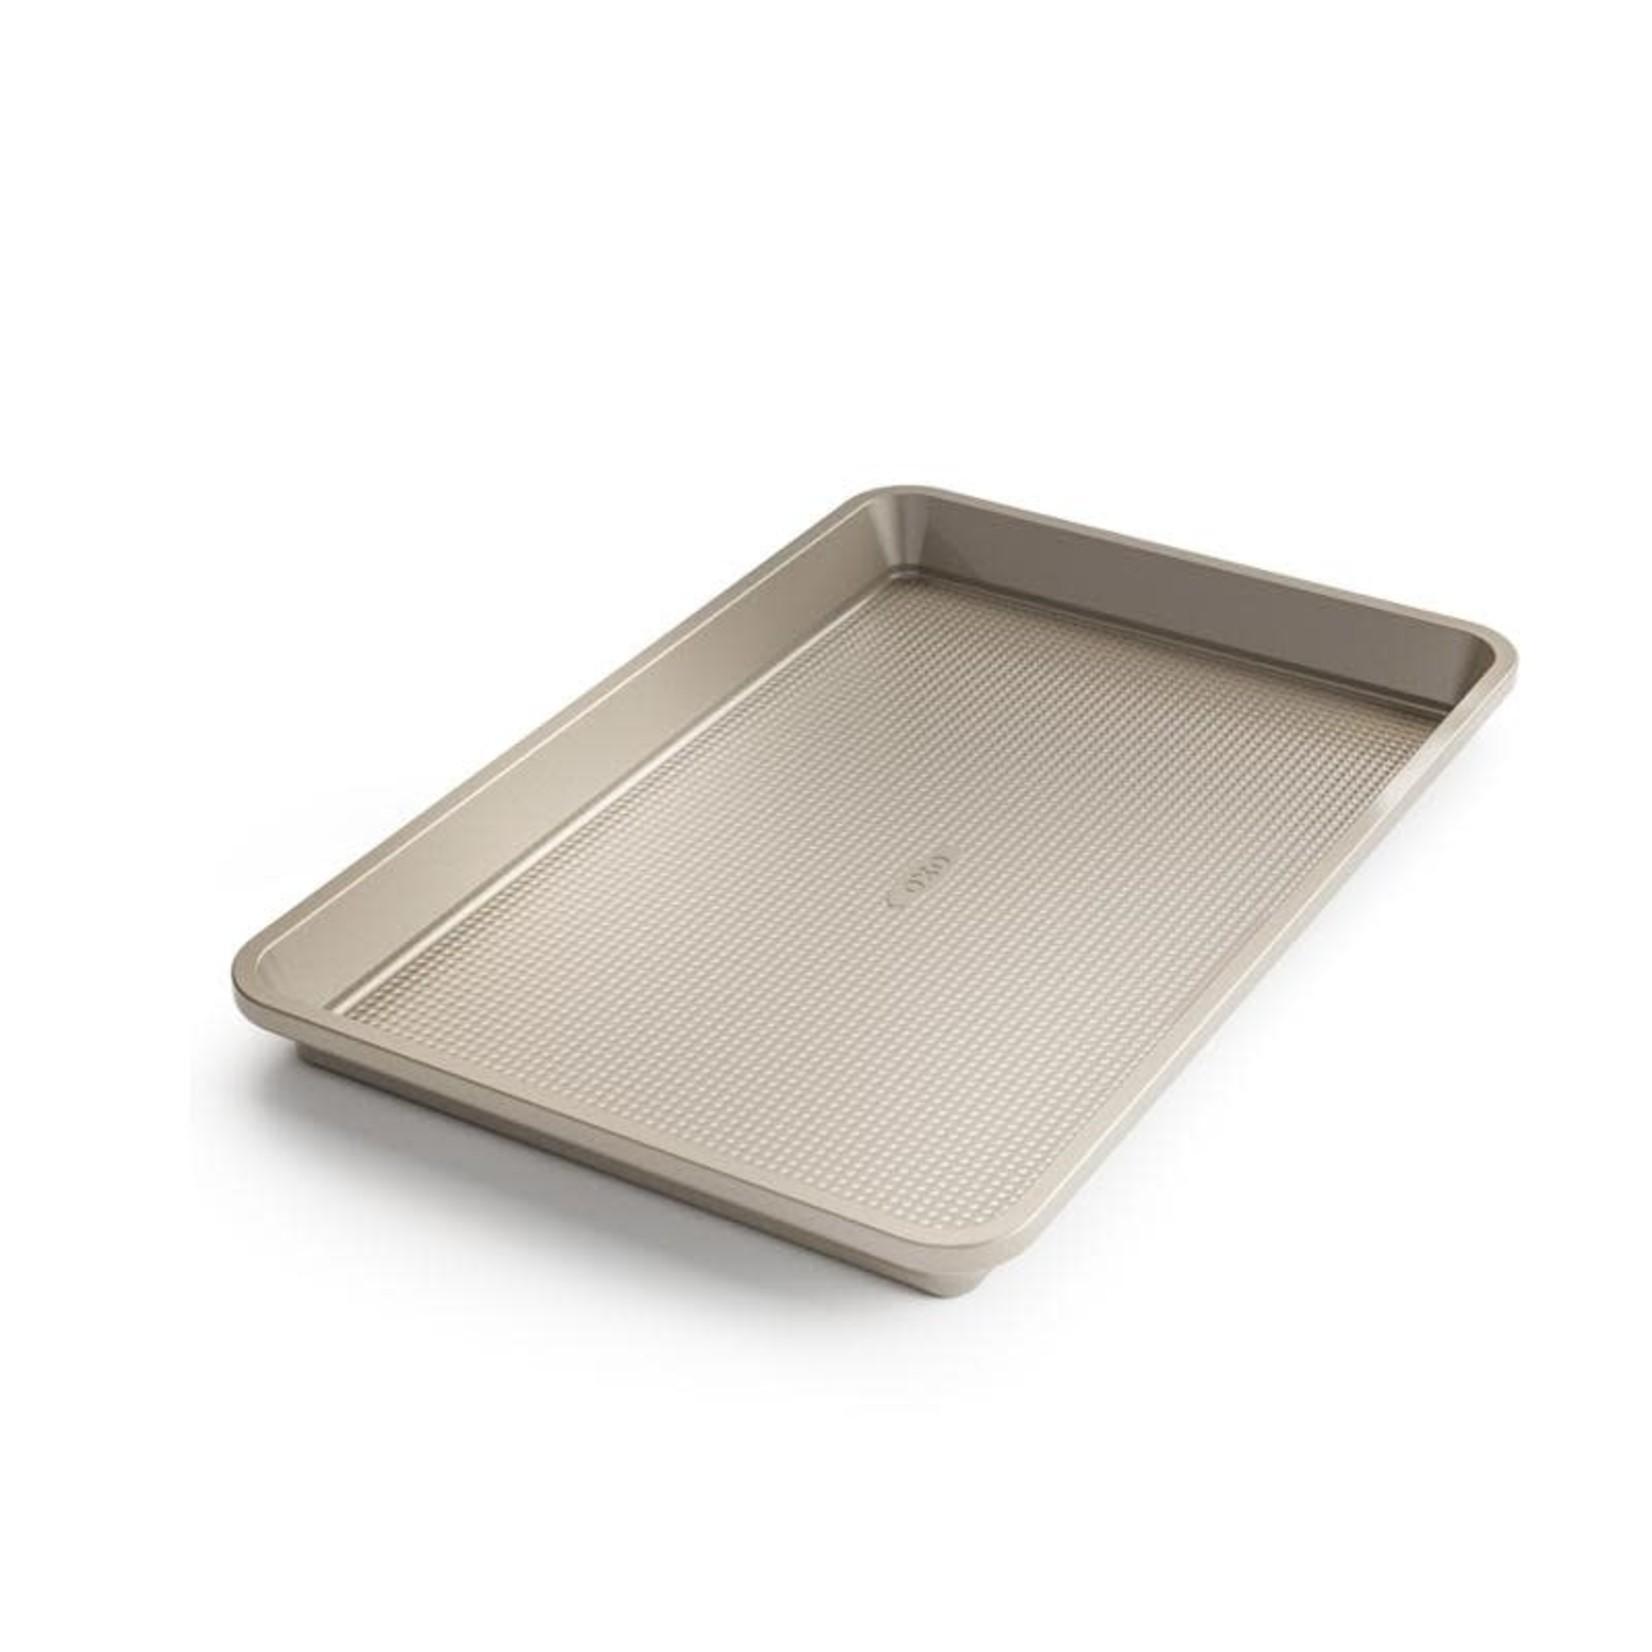 OXO Non Stick Pro Baking Pan 10x15